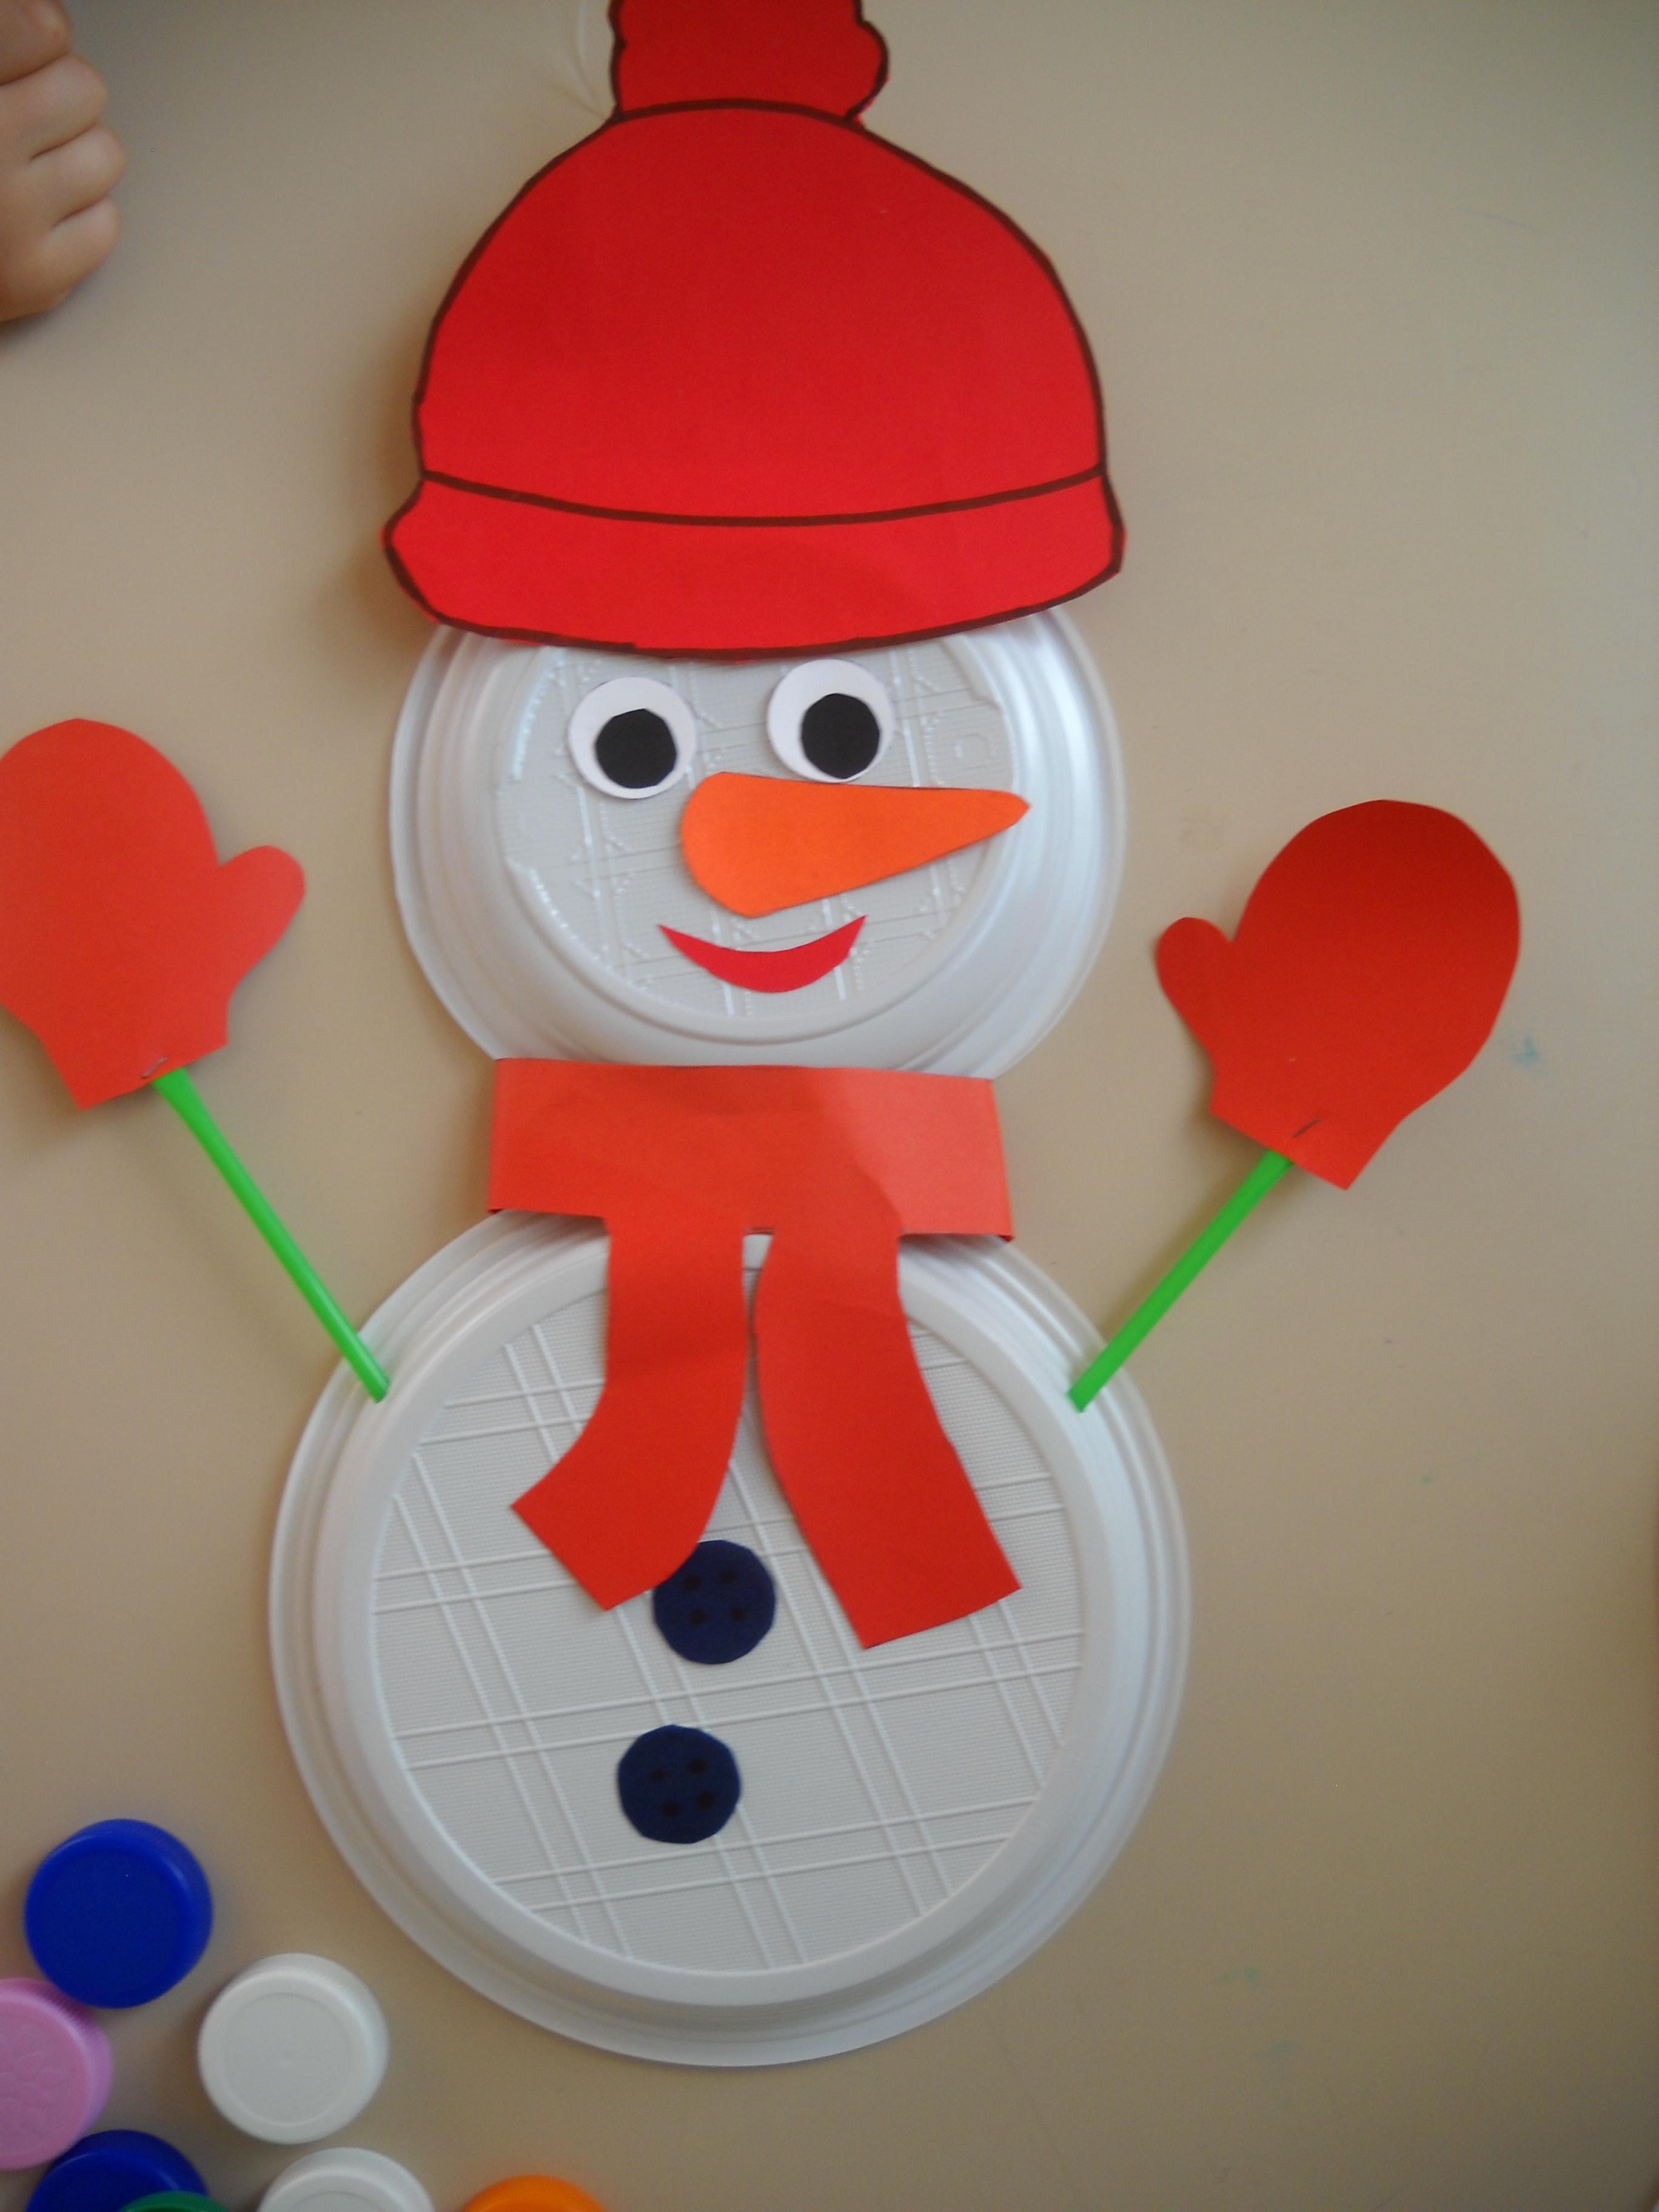 Addobbi invernali per aule pupazzi di neve maestramaria for Addobbi aula natale